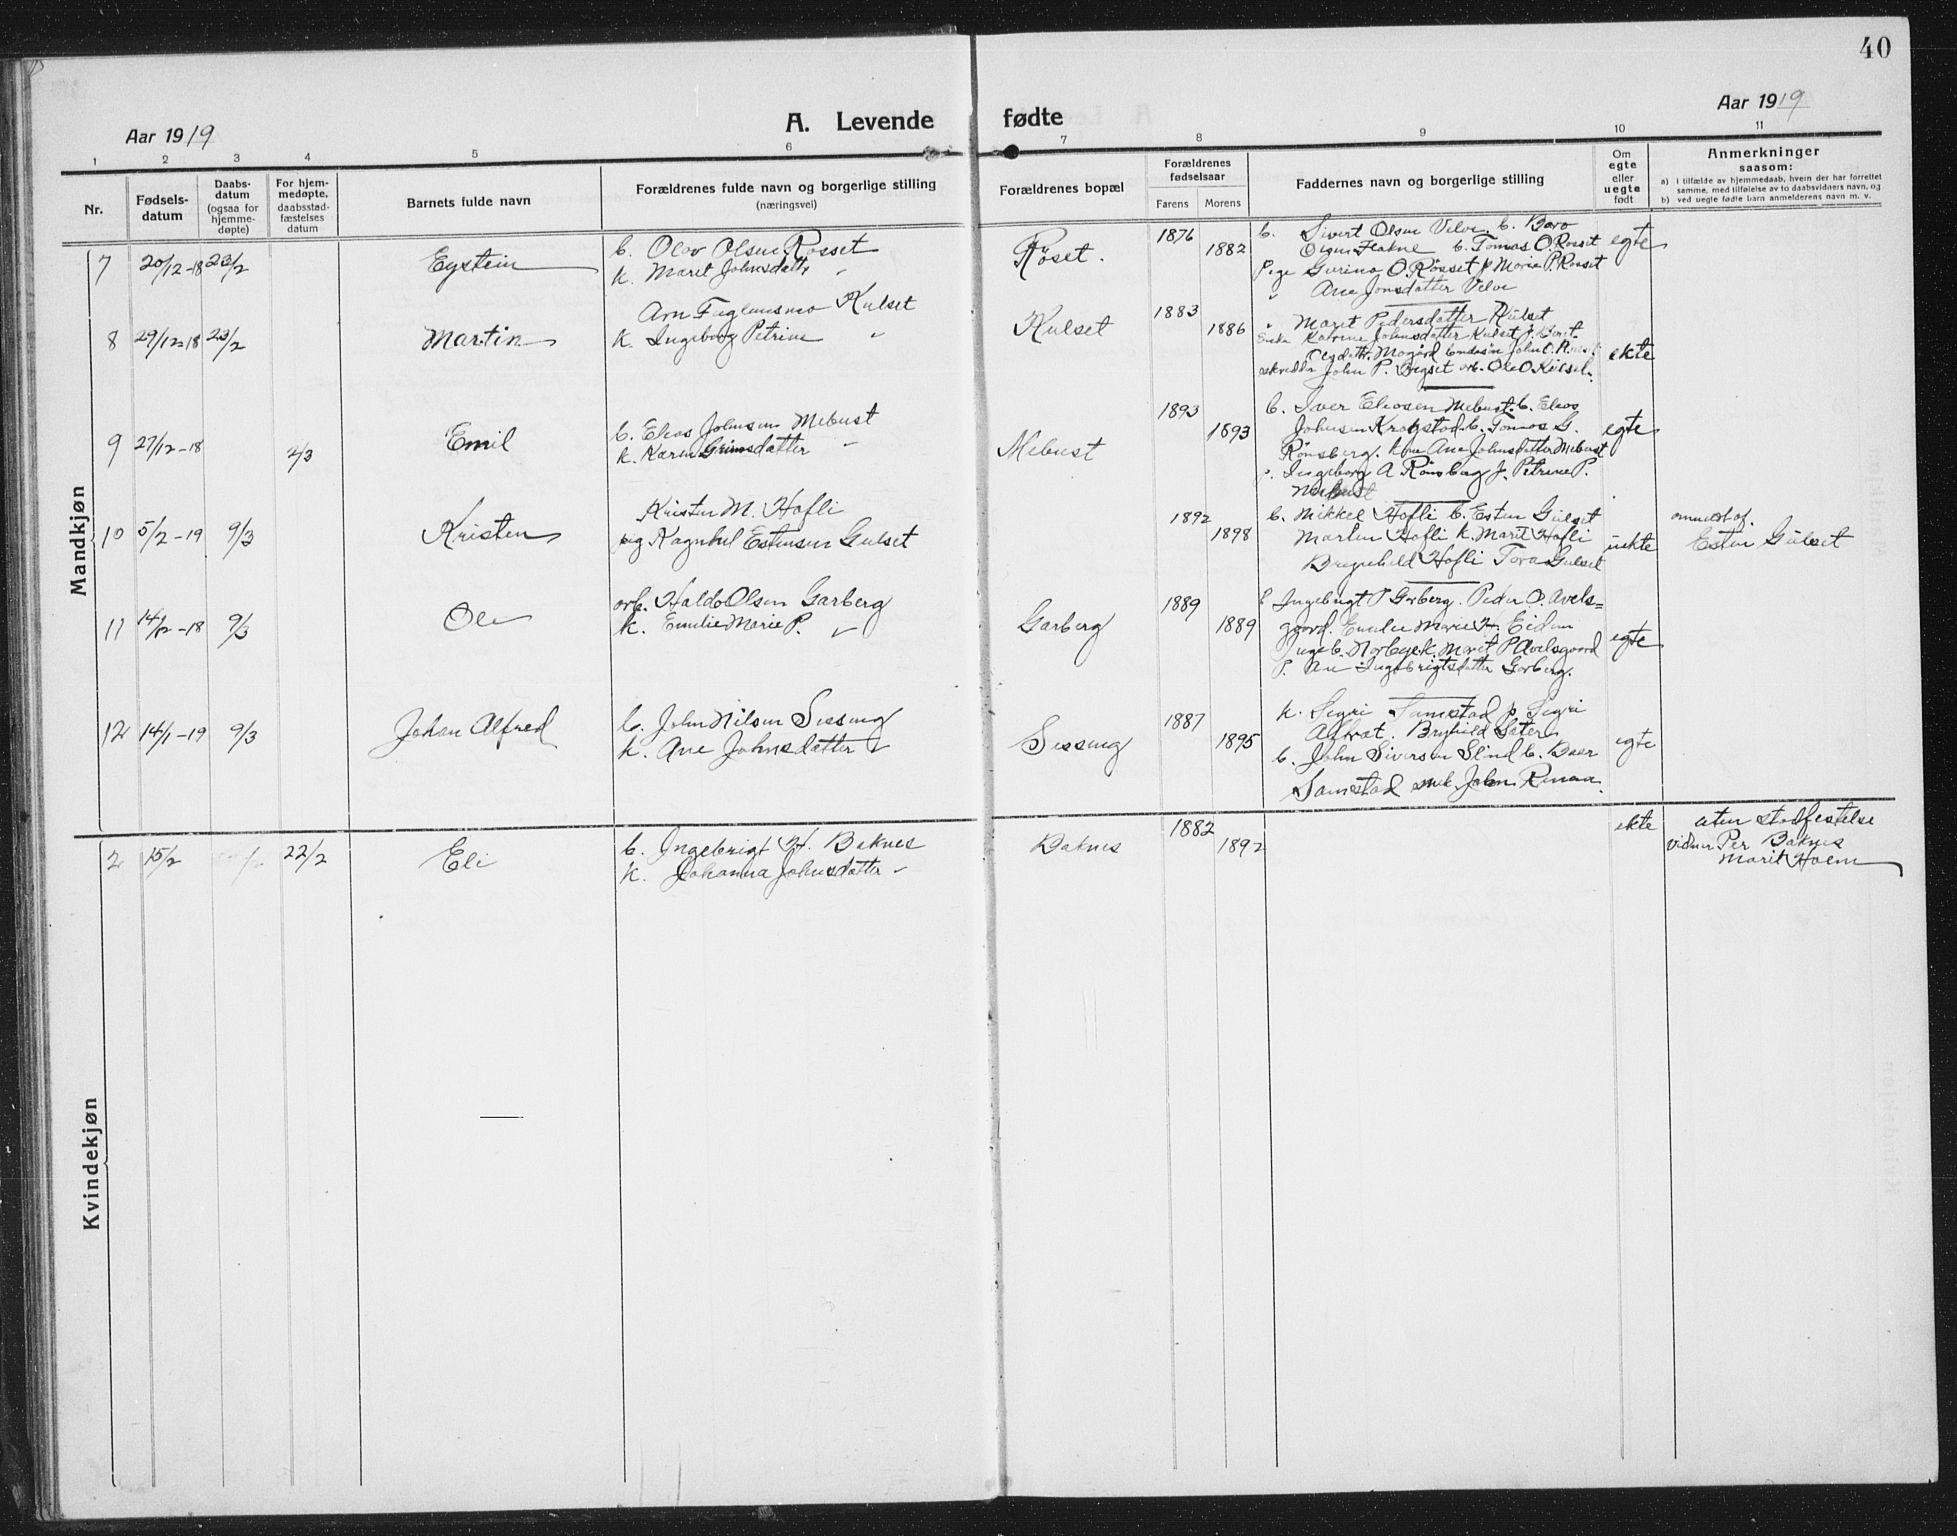 SAT, Ministerialprotokoller, klokkerbøker og fødselsregistre - Sør-Trøndelag, 695/L1158: Klokkerbok nr. 695C09, 1913-1940, s. 40